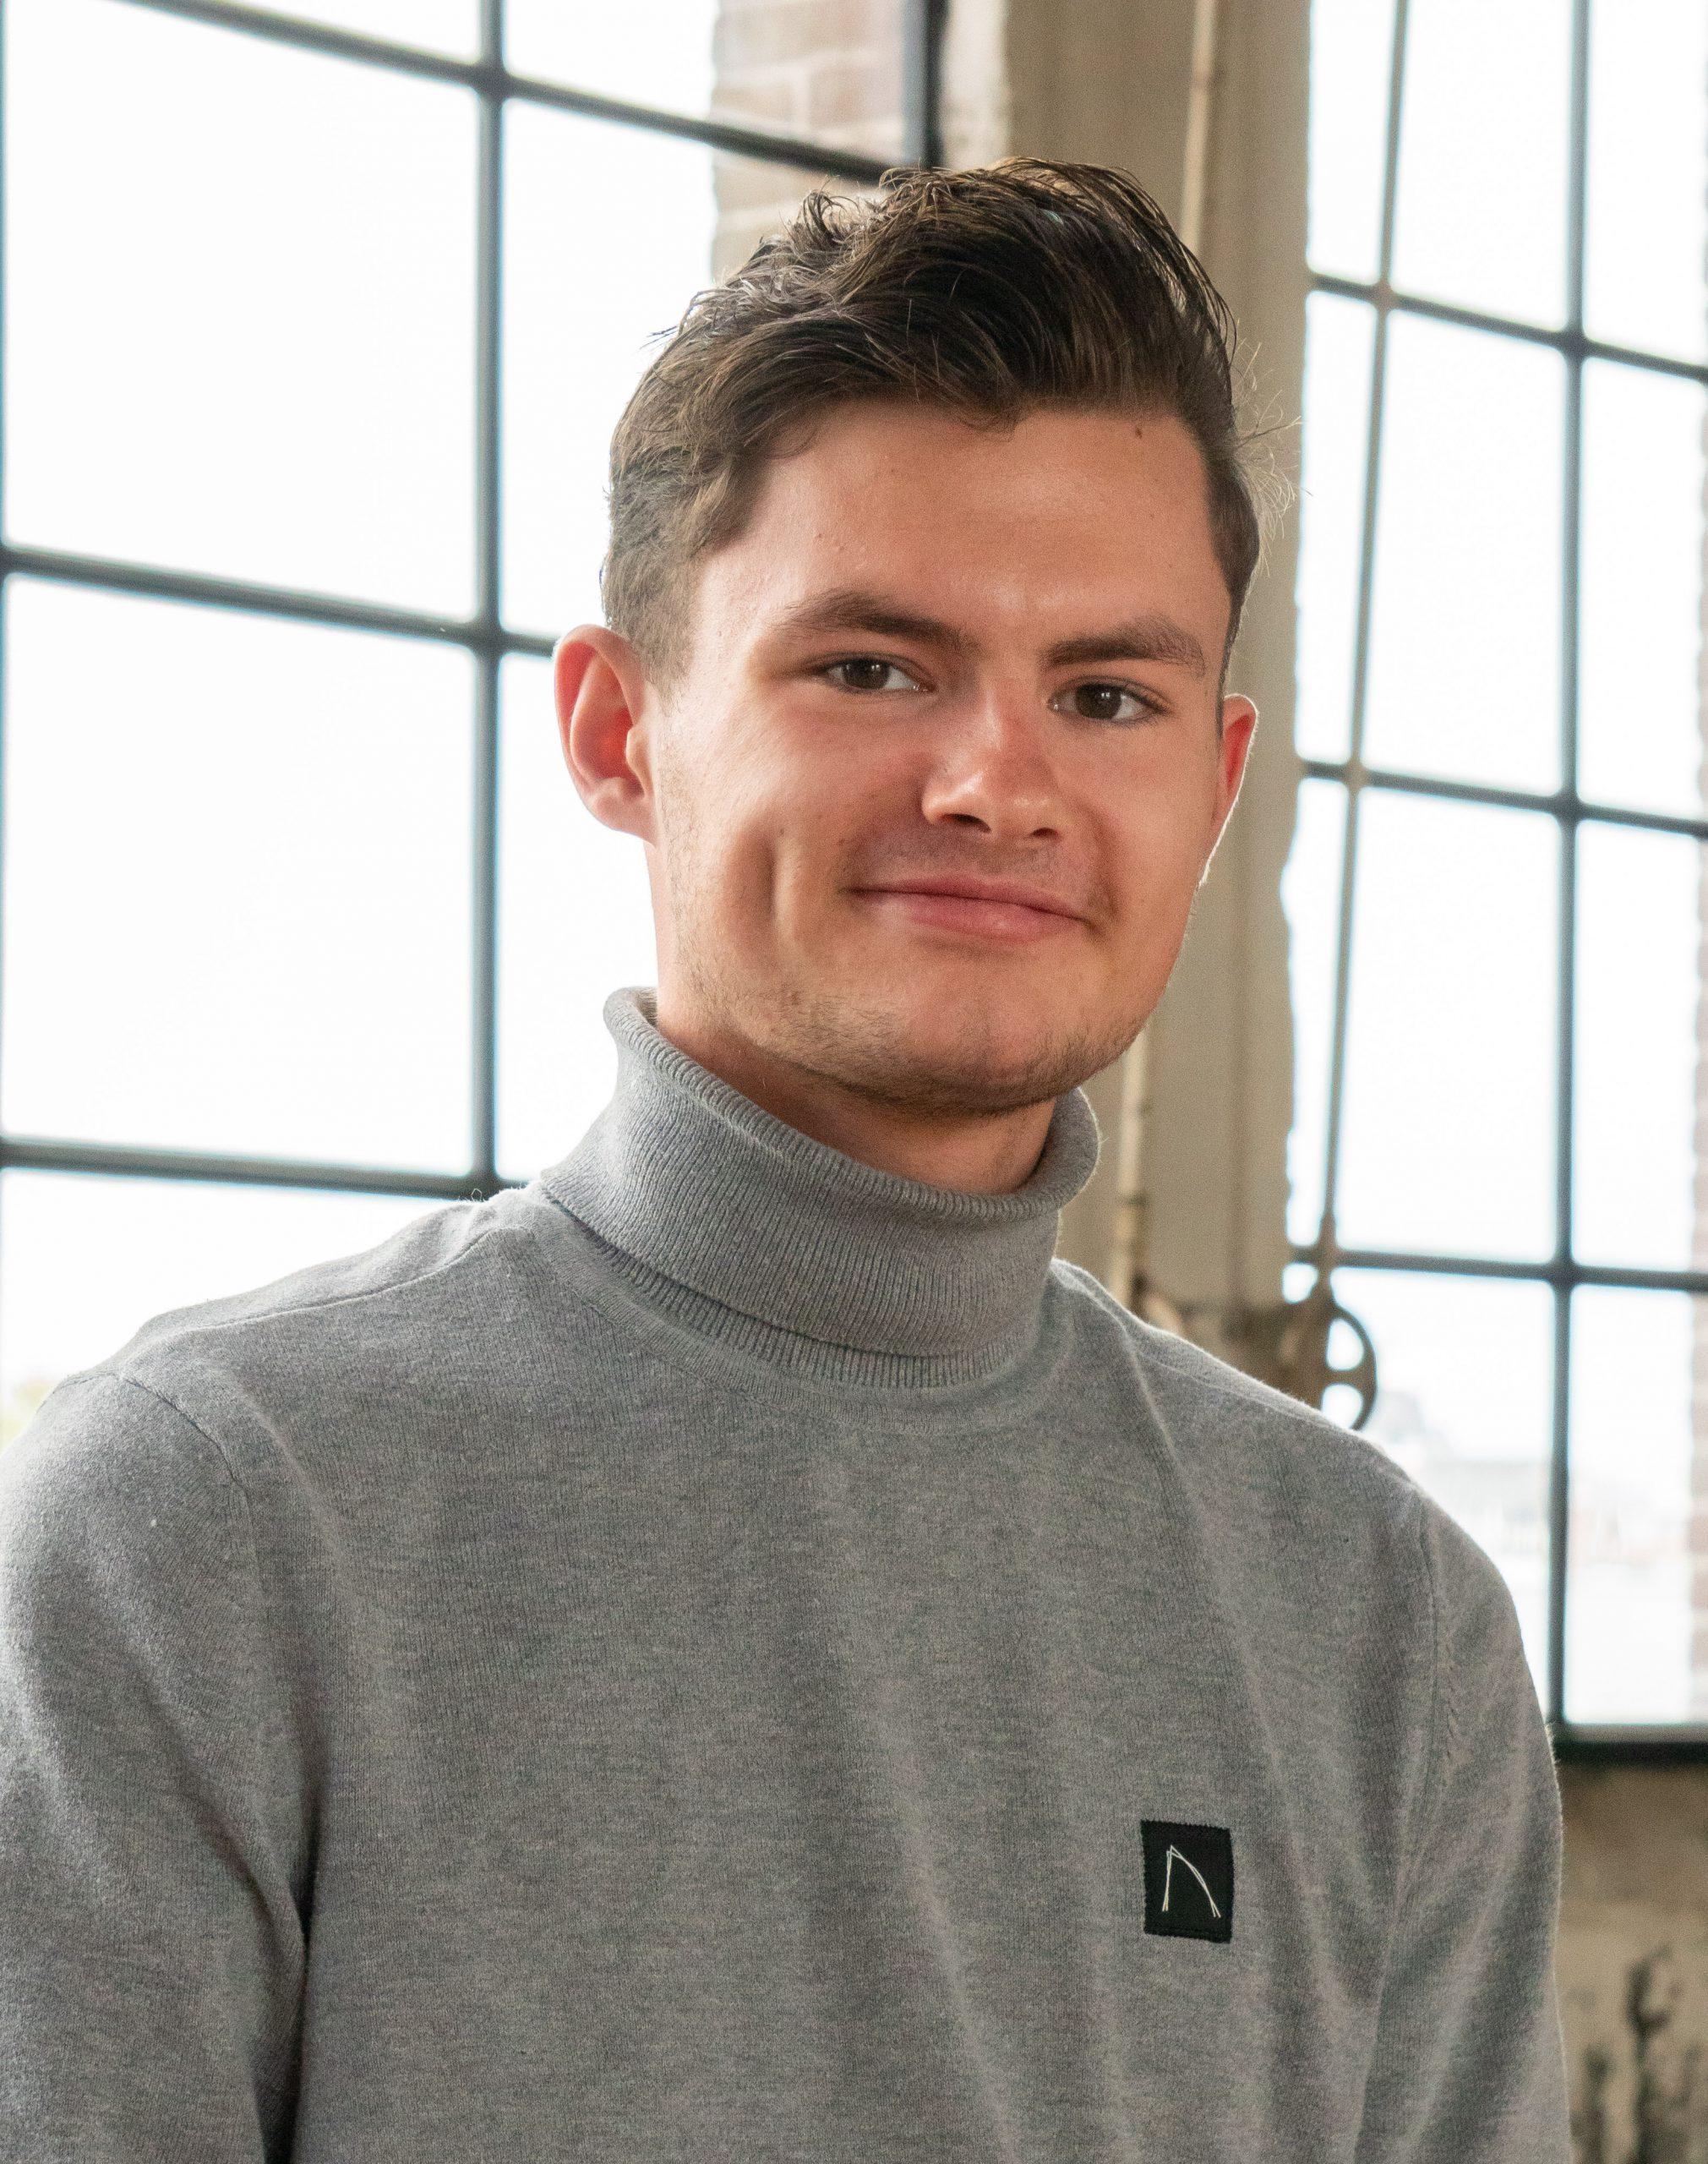 Tristan Dalhuisen